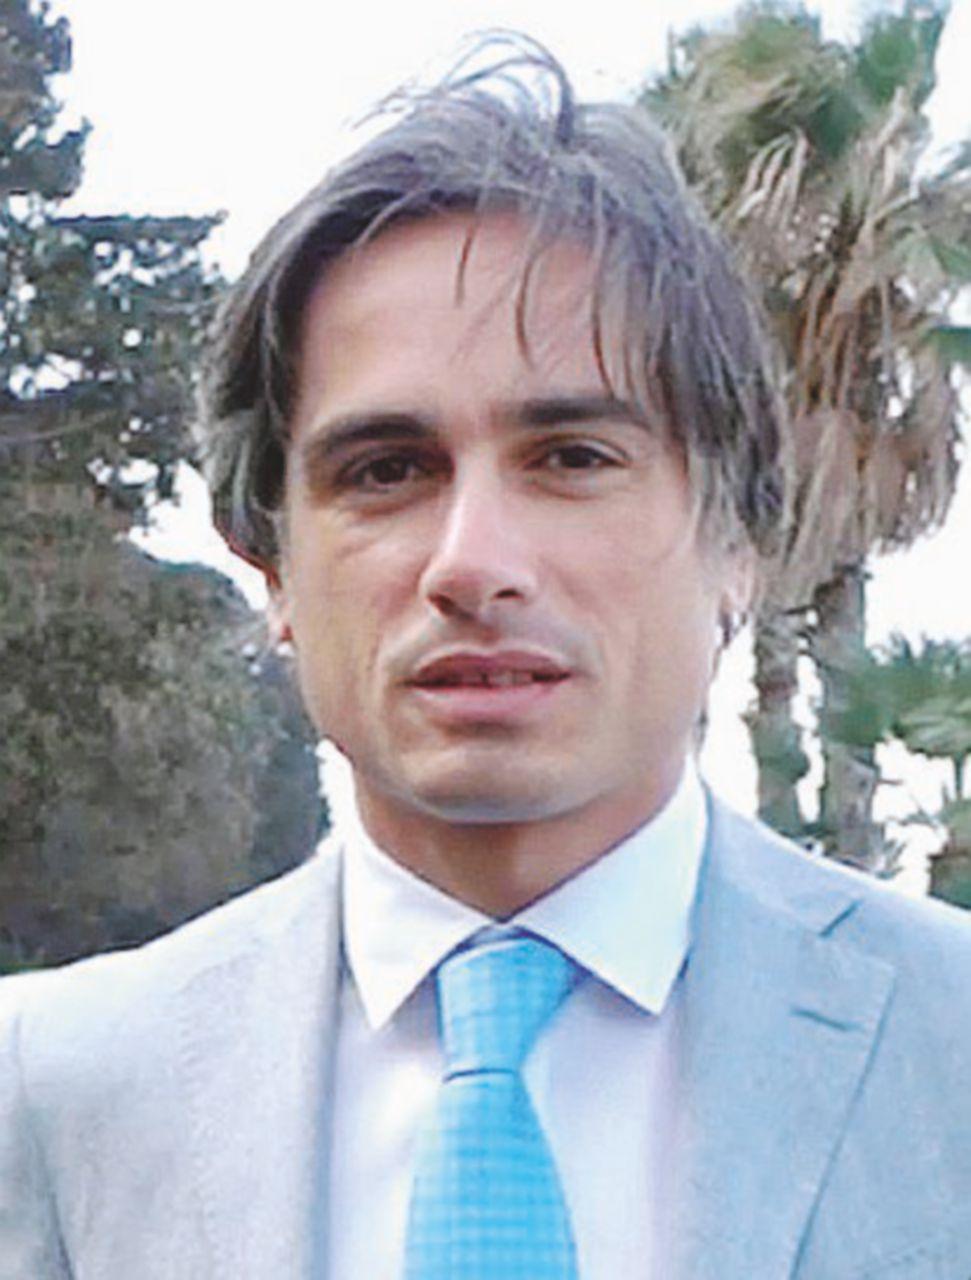 Il sindaco caccia a mezzo stampa l'assessore alla legalità di Reggio Calabria